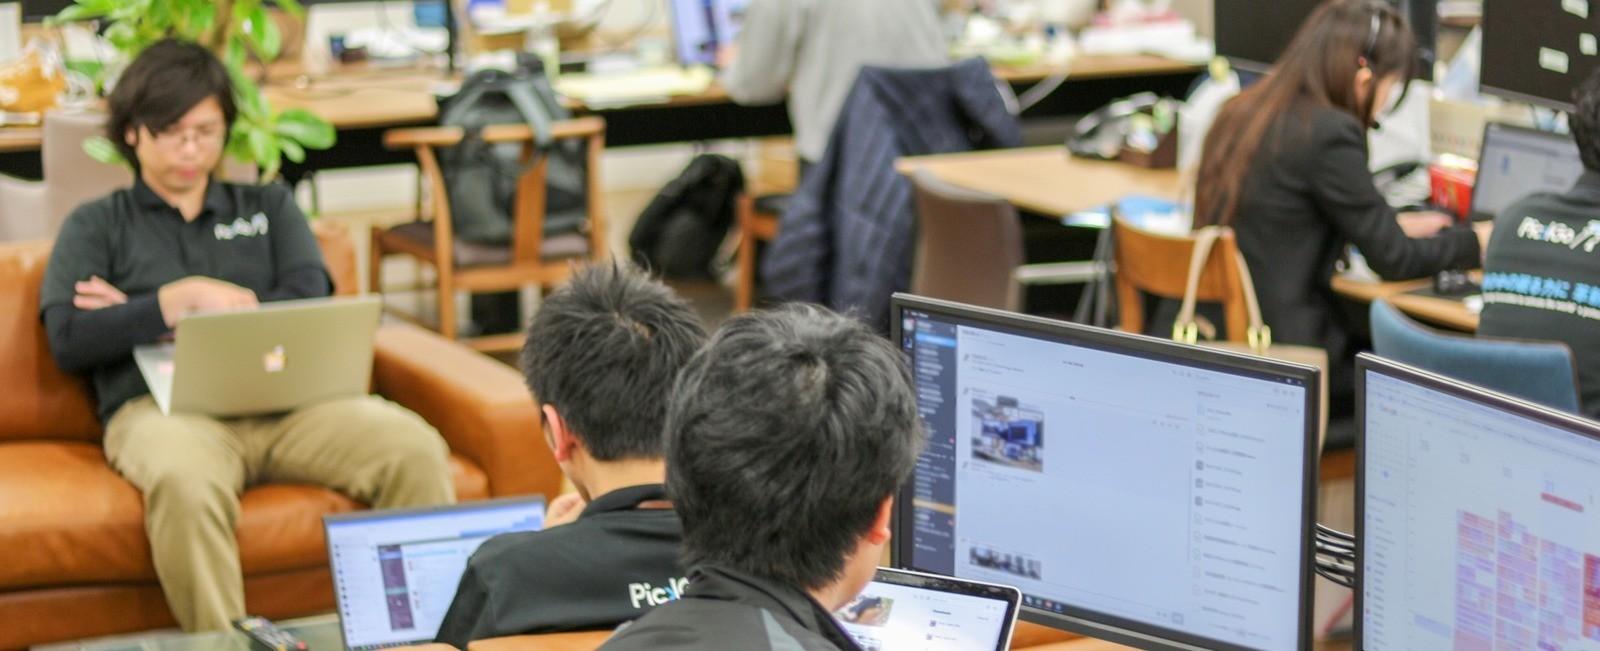 【Web】クロネコにも一部導入、今求められる「物流」システムの最先端を築くWebエンジニア募集!